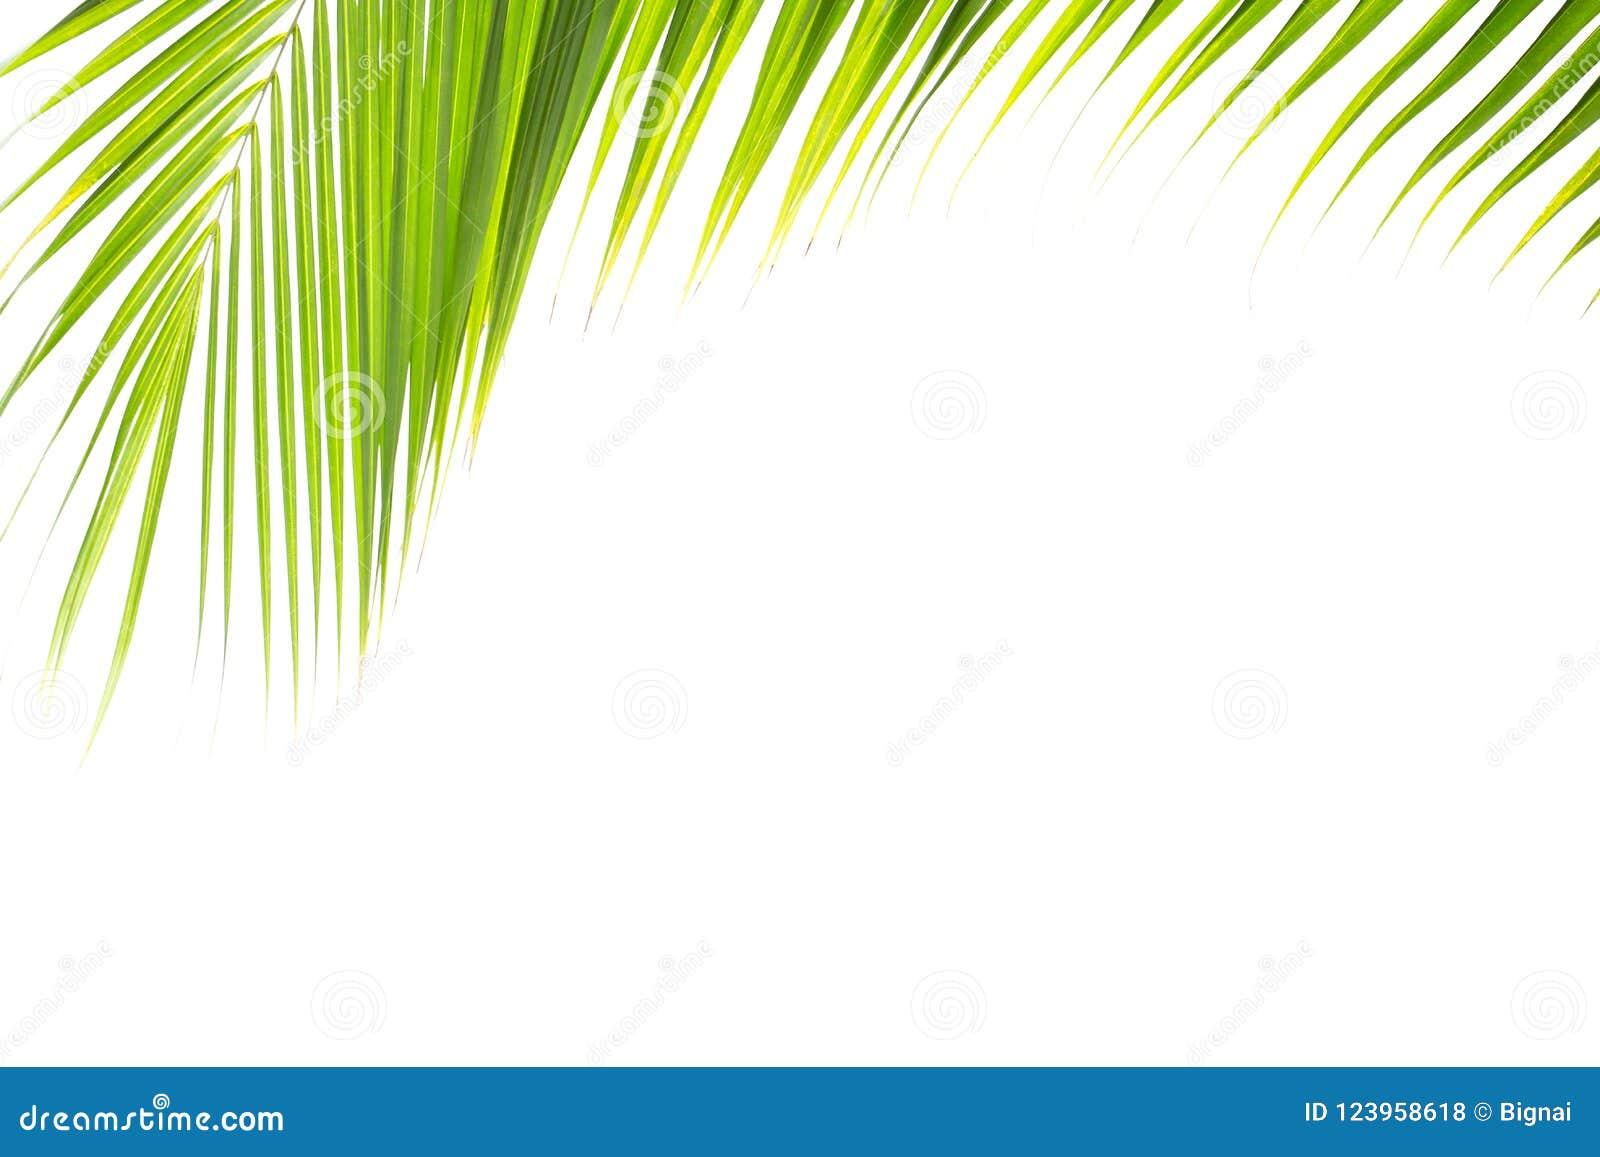 Folha tropical verde do coco isolada no fundo branco